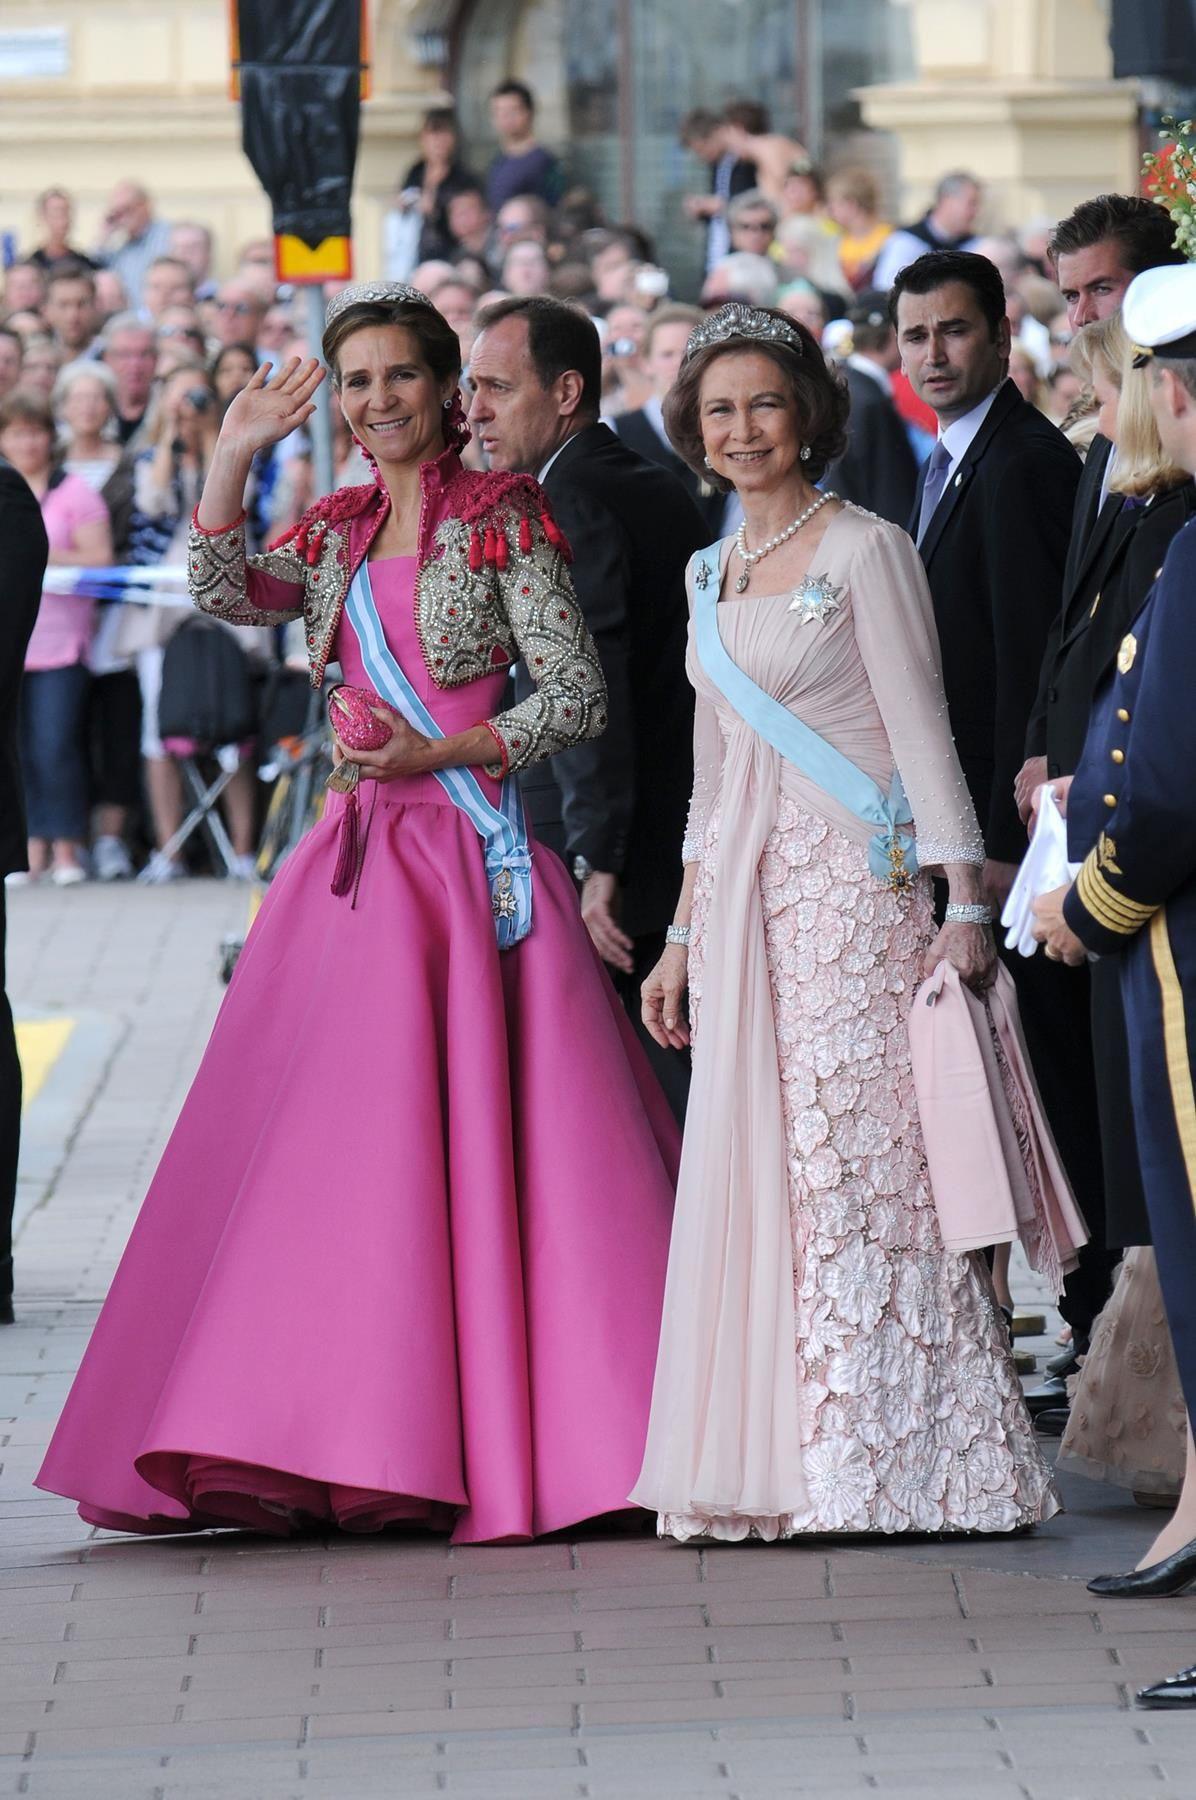 Seis años de la boda de Victoria y Daniel de Suecia: así han ...